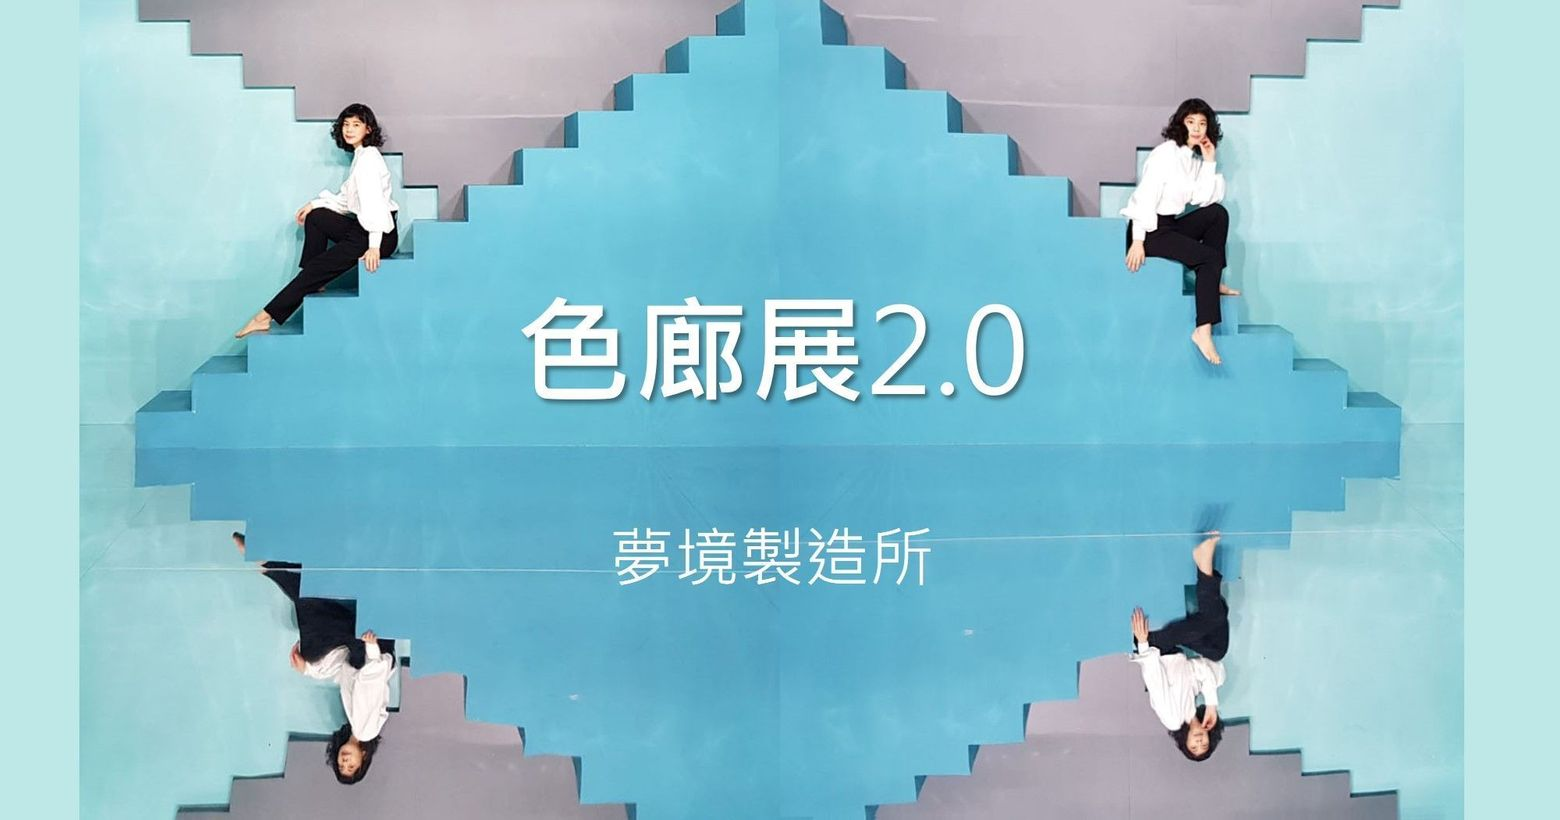 《色廊2.0 夢境製造所》12個顏色X12個夢境展覽名稱:色廊展2.0-夢境製造所展覽地點:華山1